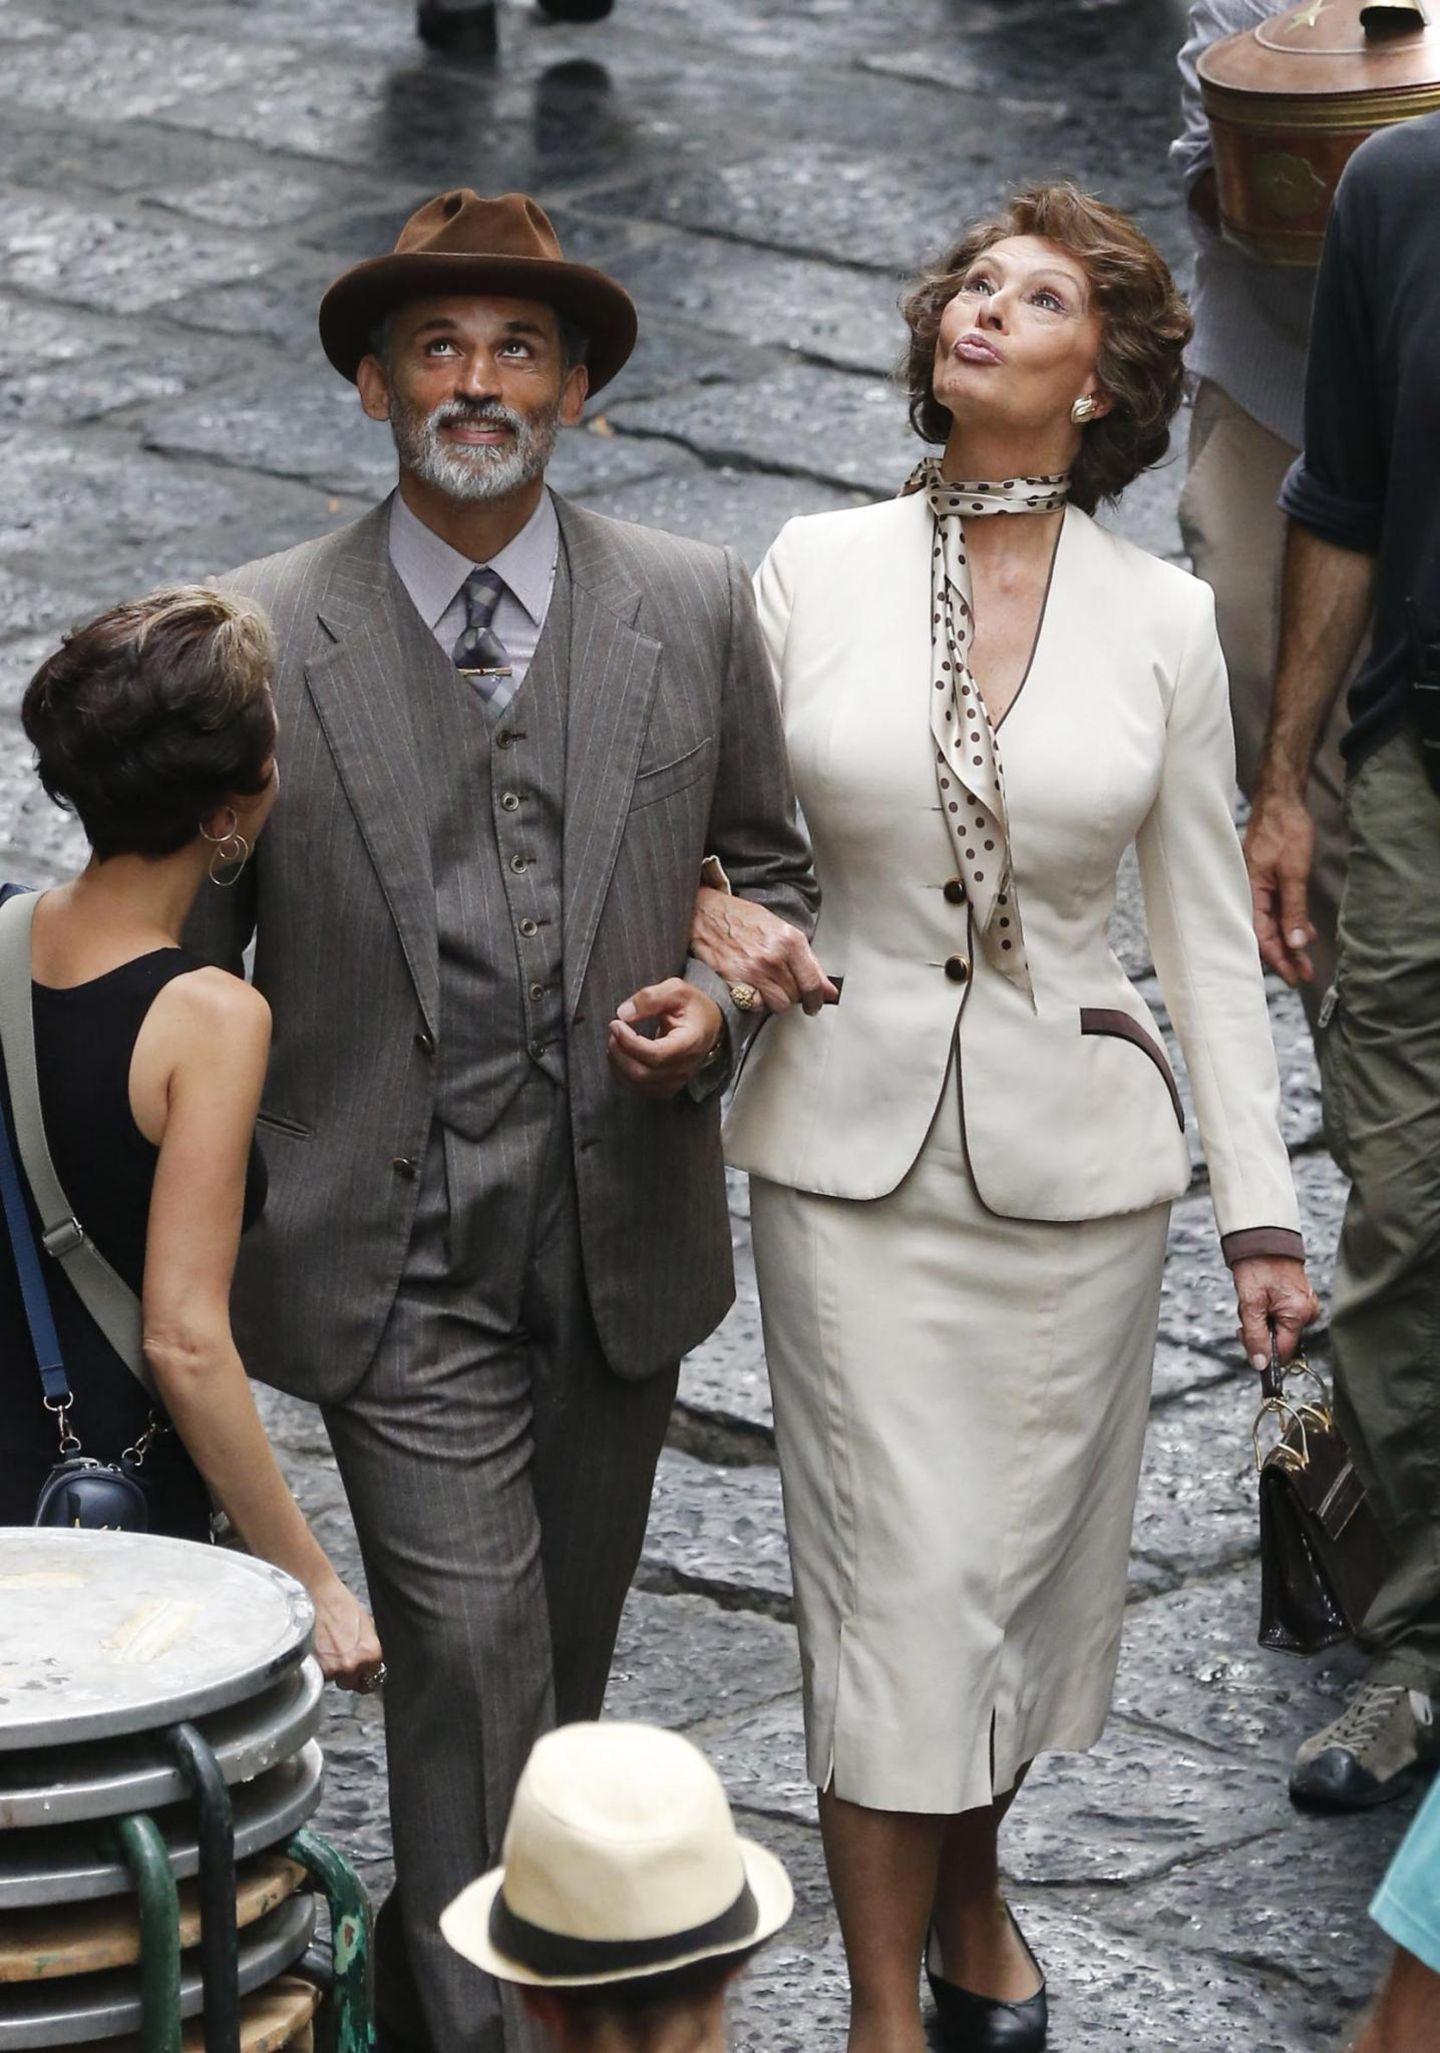 """8. Juli 2013: Enrico Loverso und Sophia Loren drehen eine Szene für den Film """"La Voce Umana"""" in Neapel."""